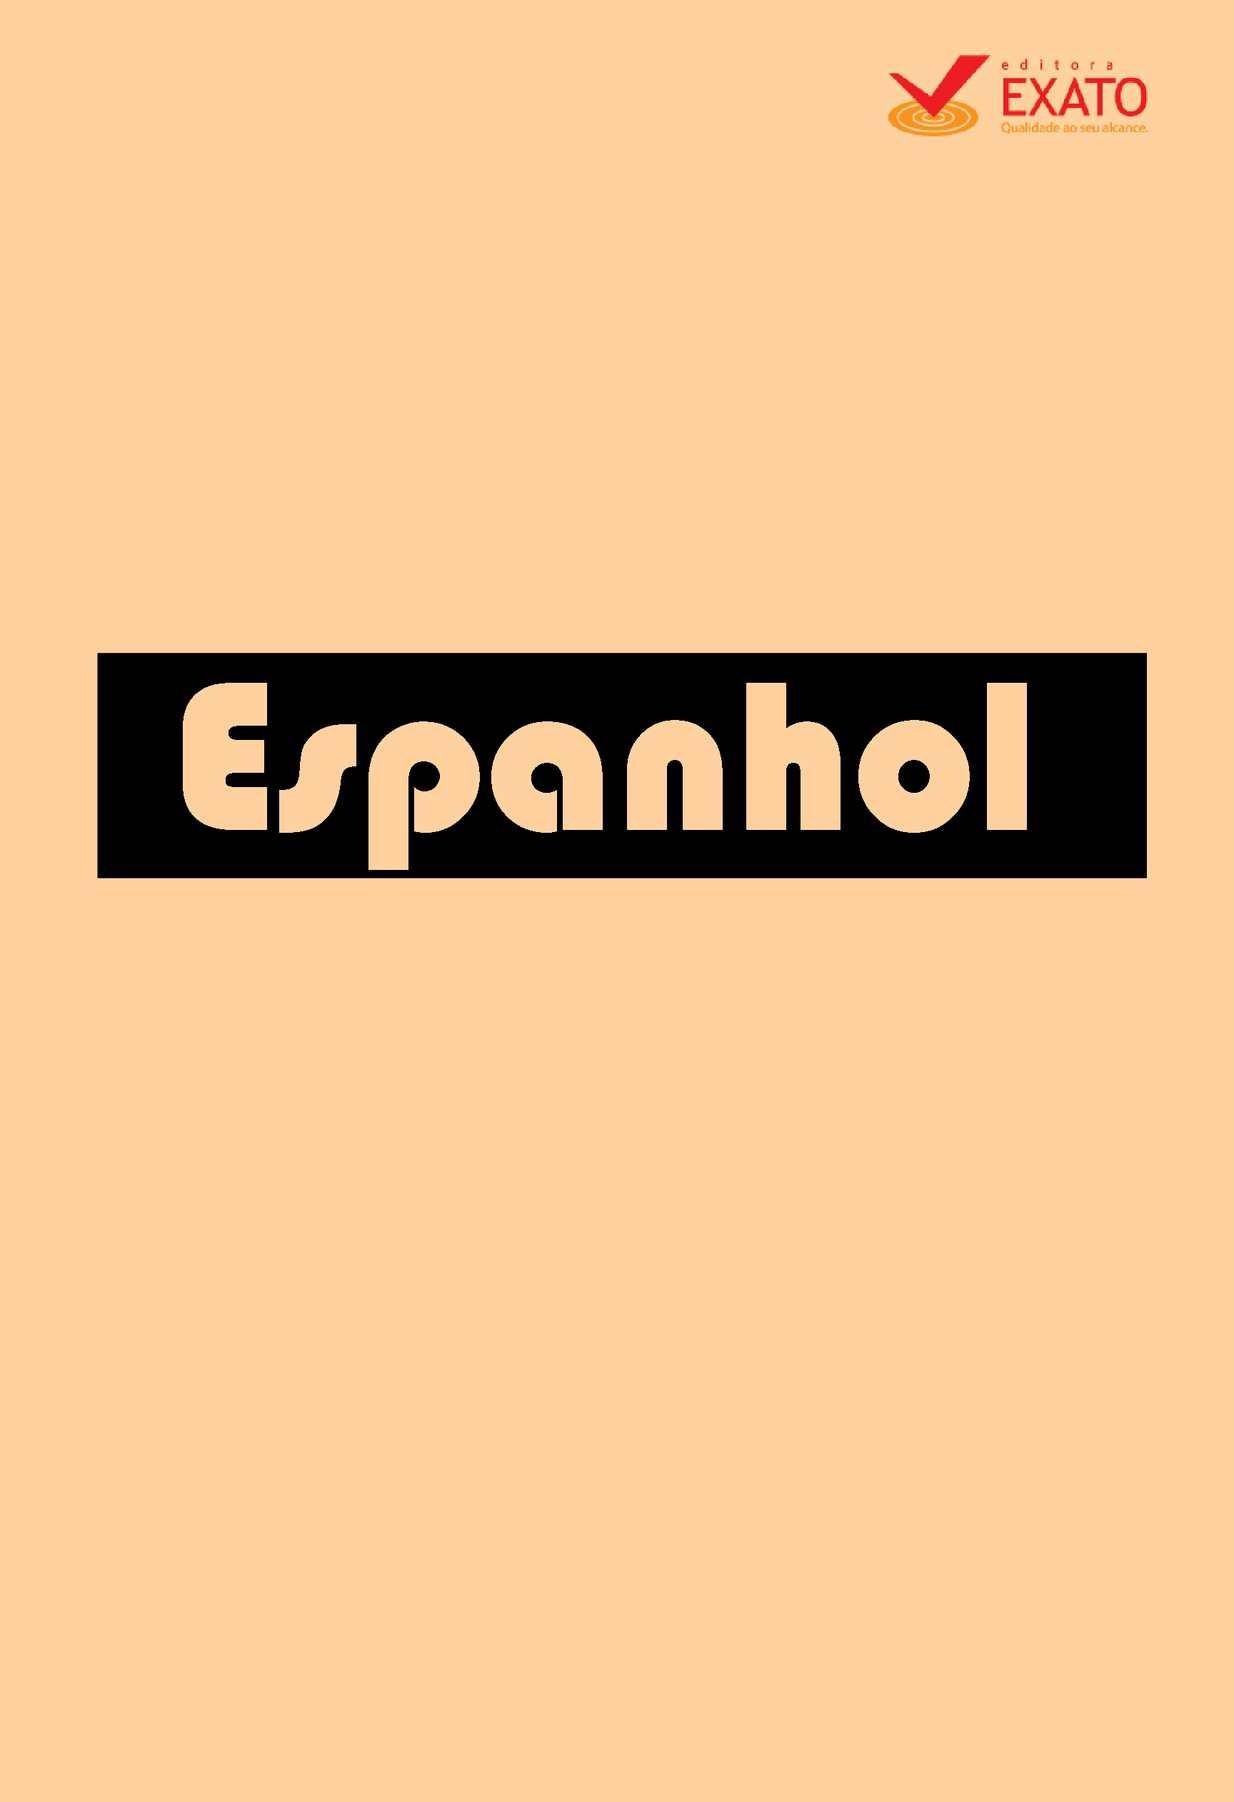 Calaméo Apostila De Espanhol Completa